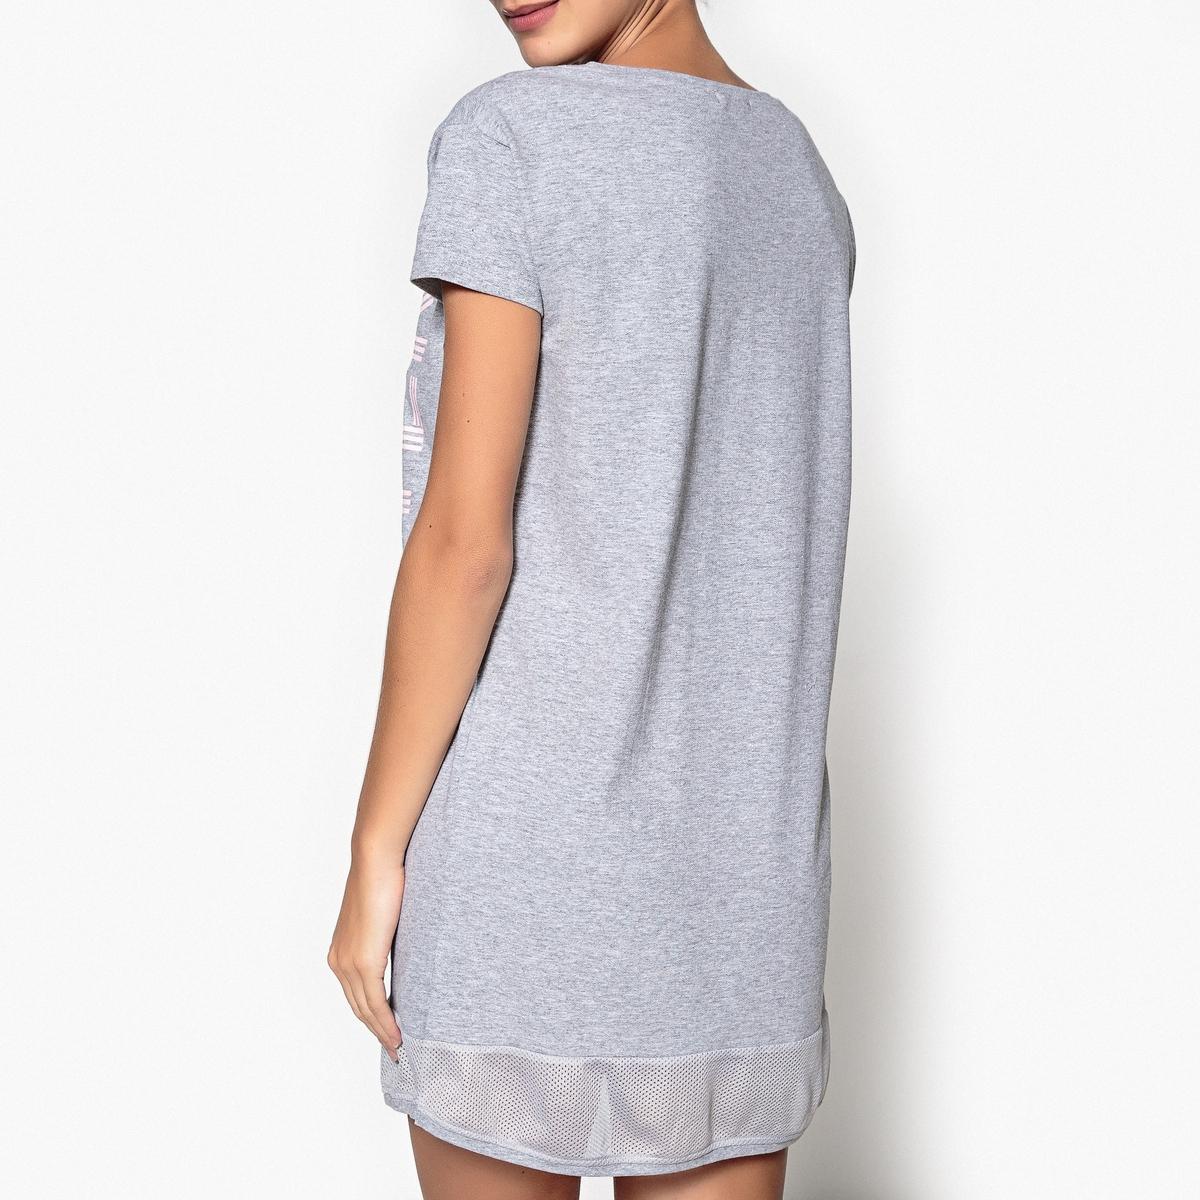 Сорочка ночная в форме рубашки из хлопка с рисунком